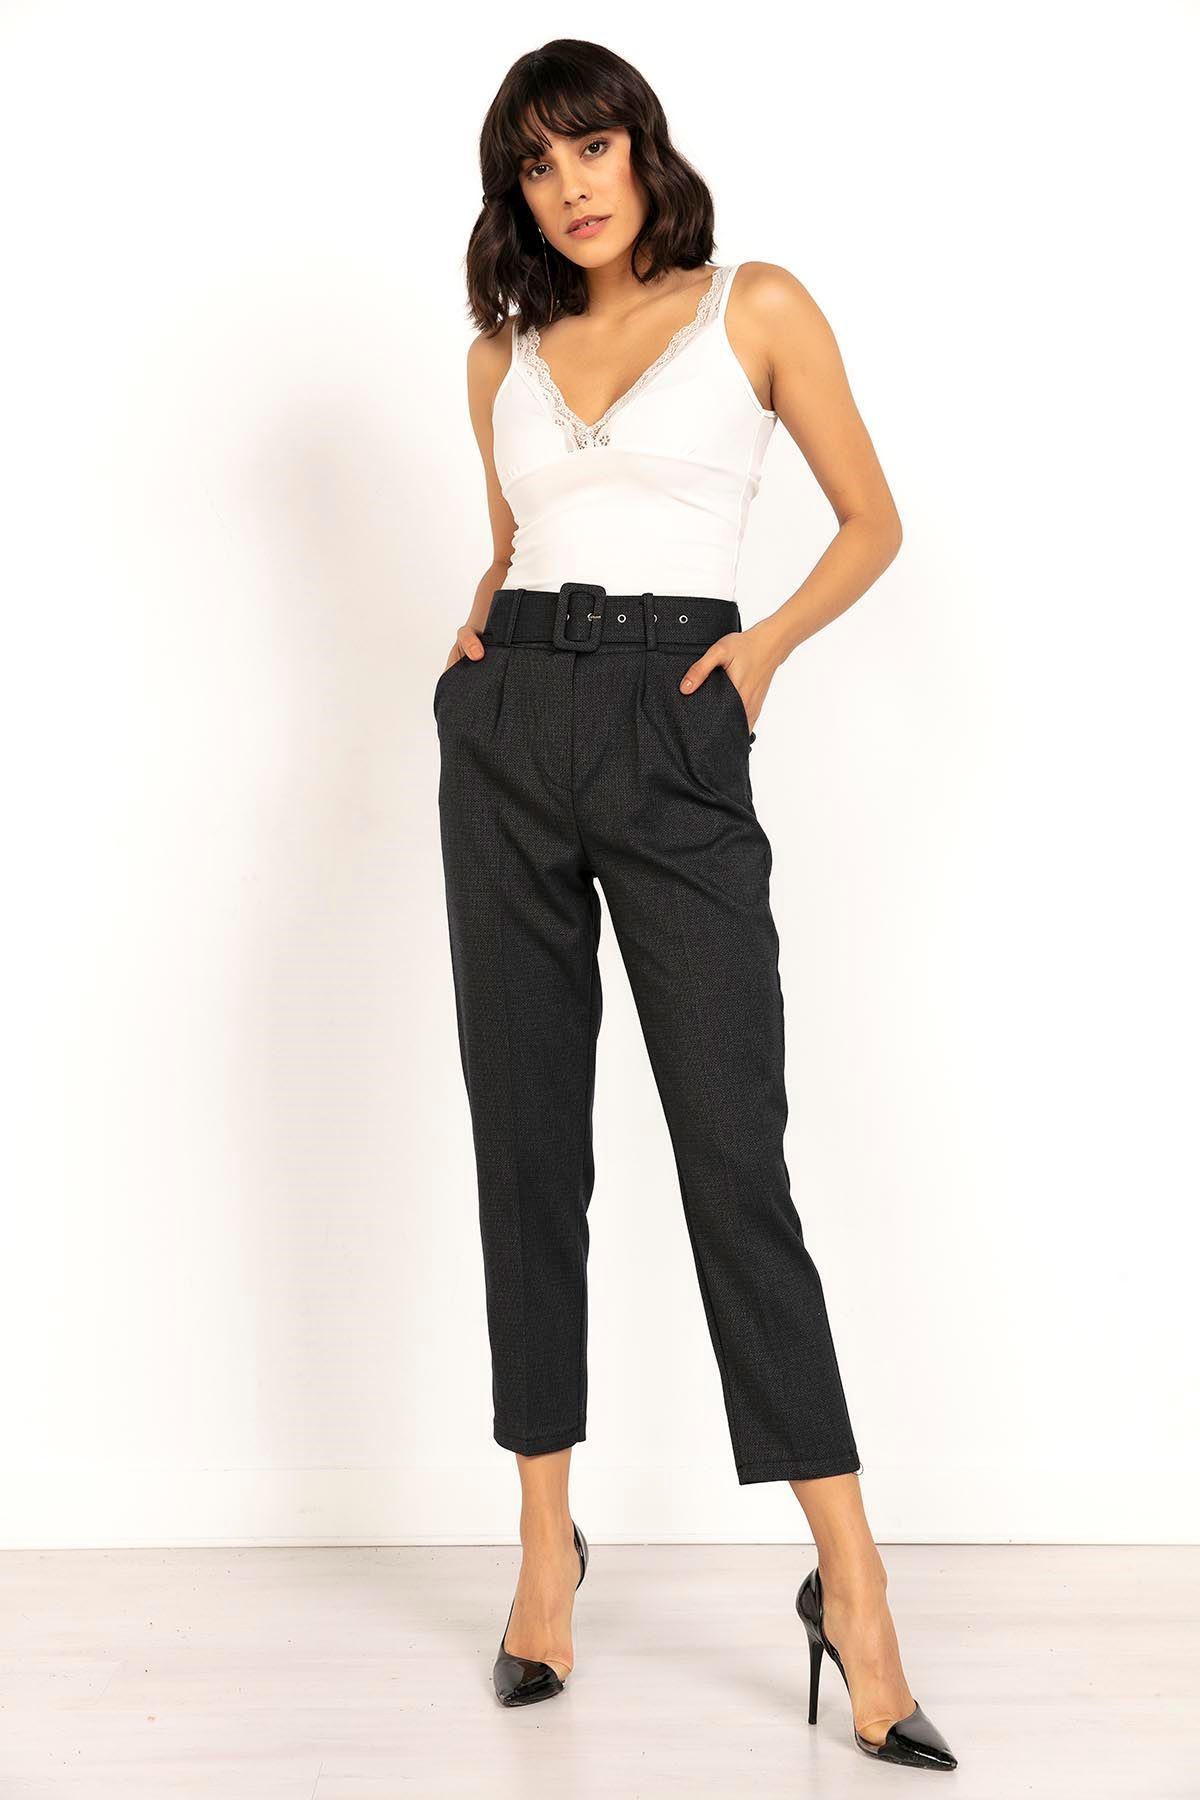 Kaz Ayağı Geniş Kemerli Kadın Pantolon